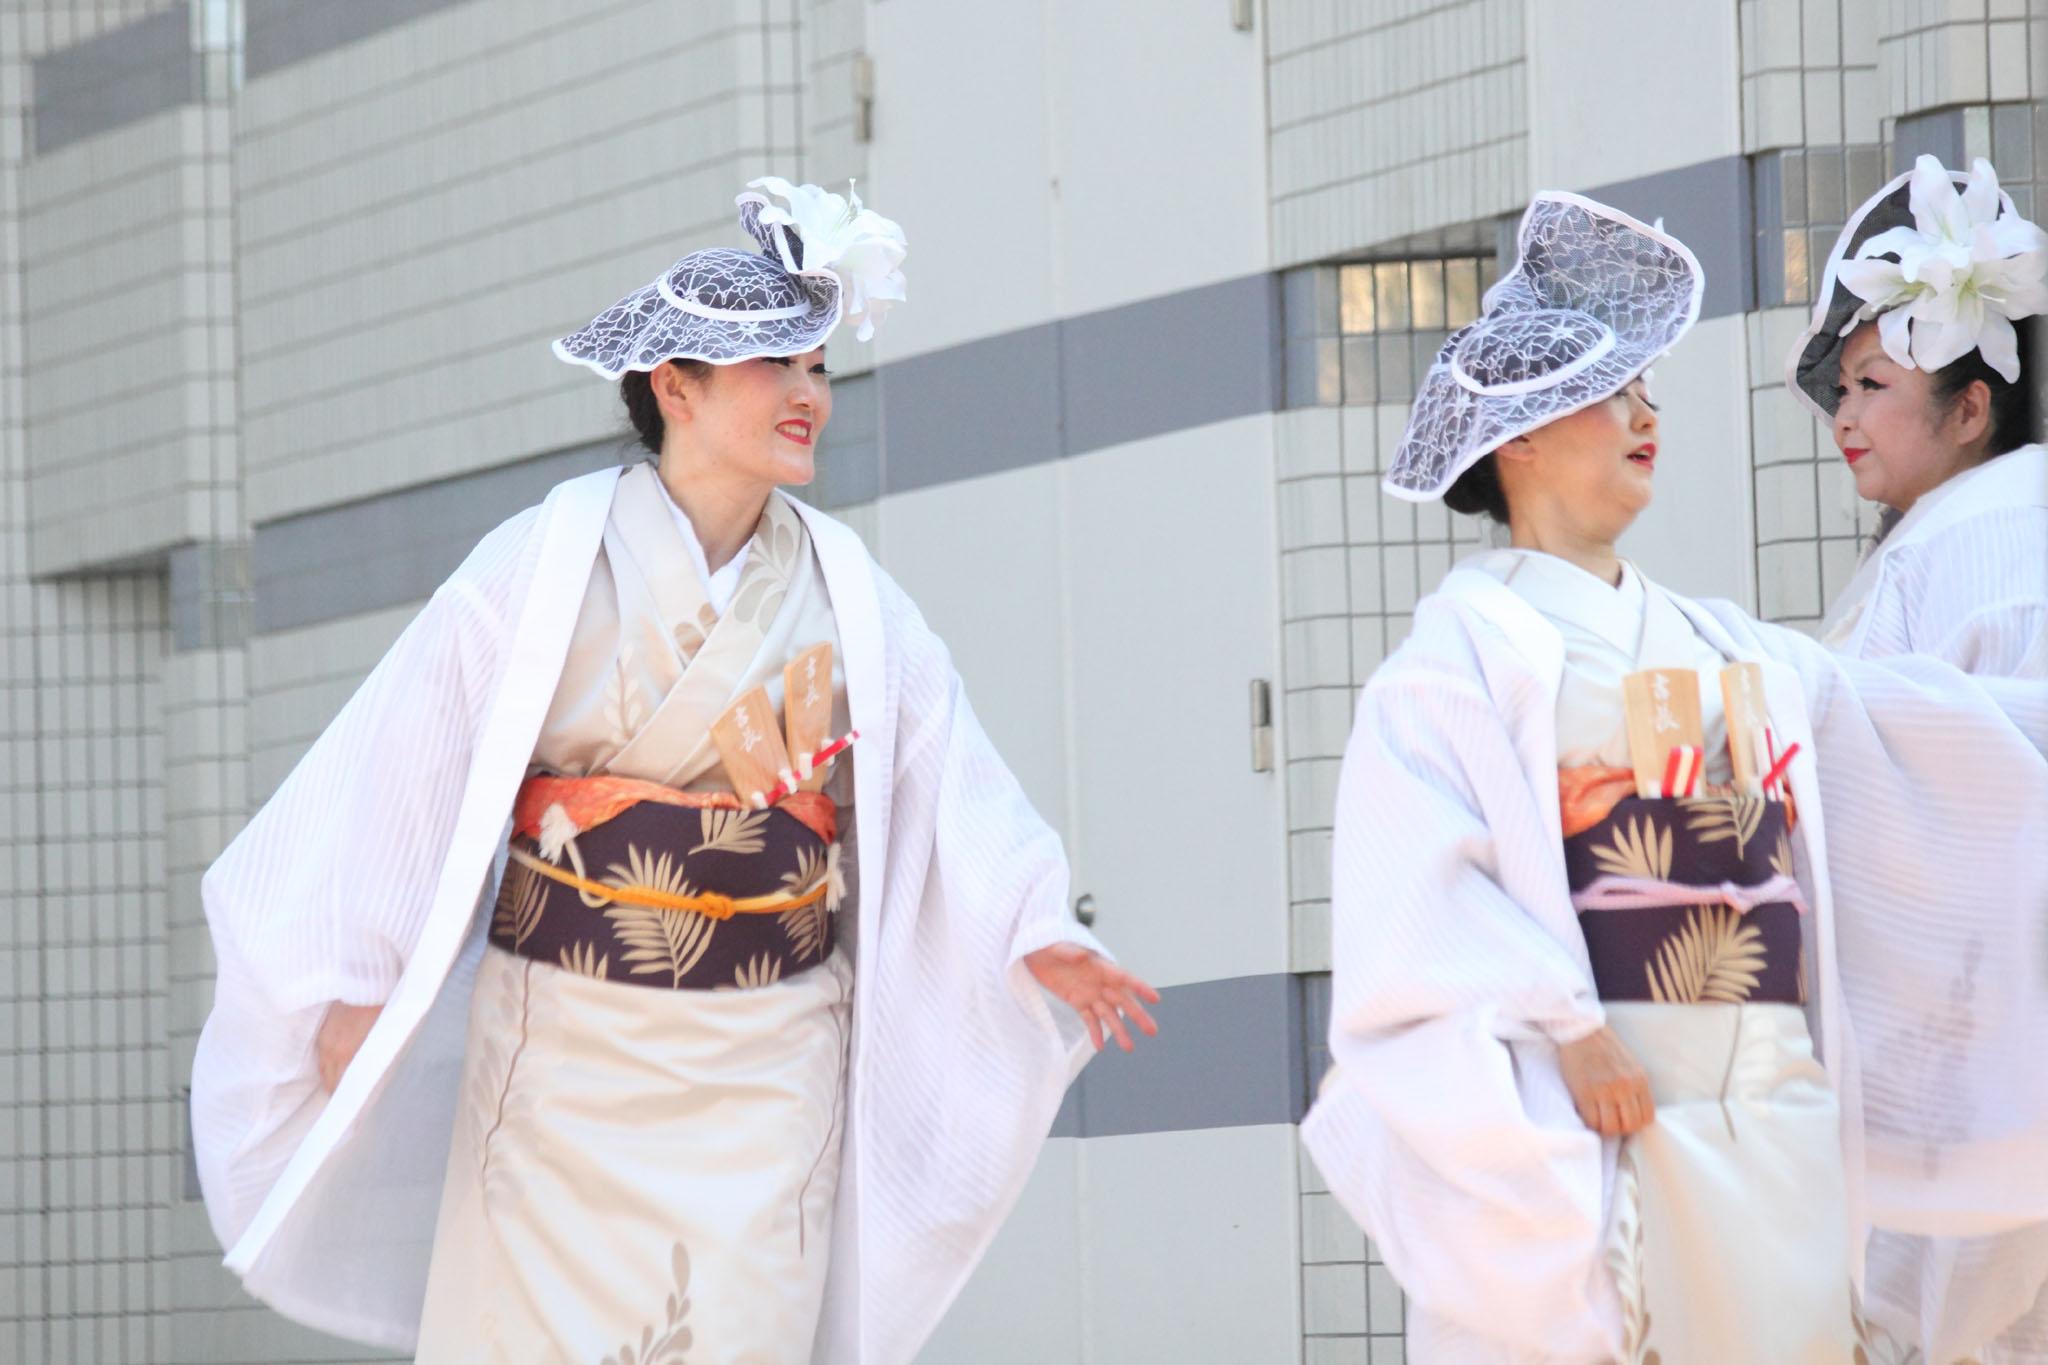 原宿表参道元氣祭スーパーよさこい2019【6】_c0299360_20393846.jpg